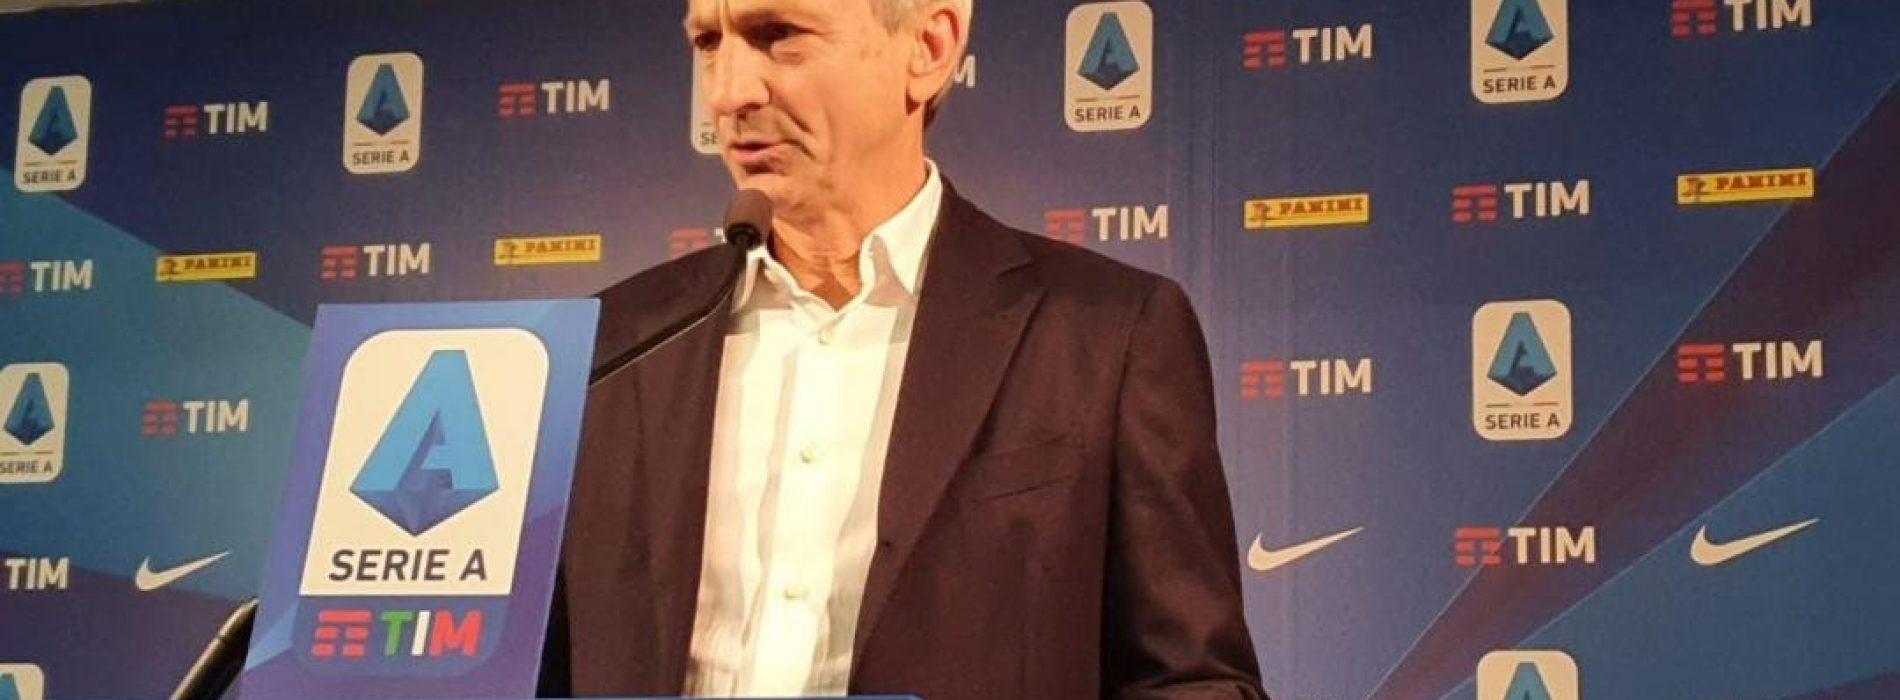 Lega Serie A, Dal Pino positivo al Covid. Il comunicato